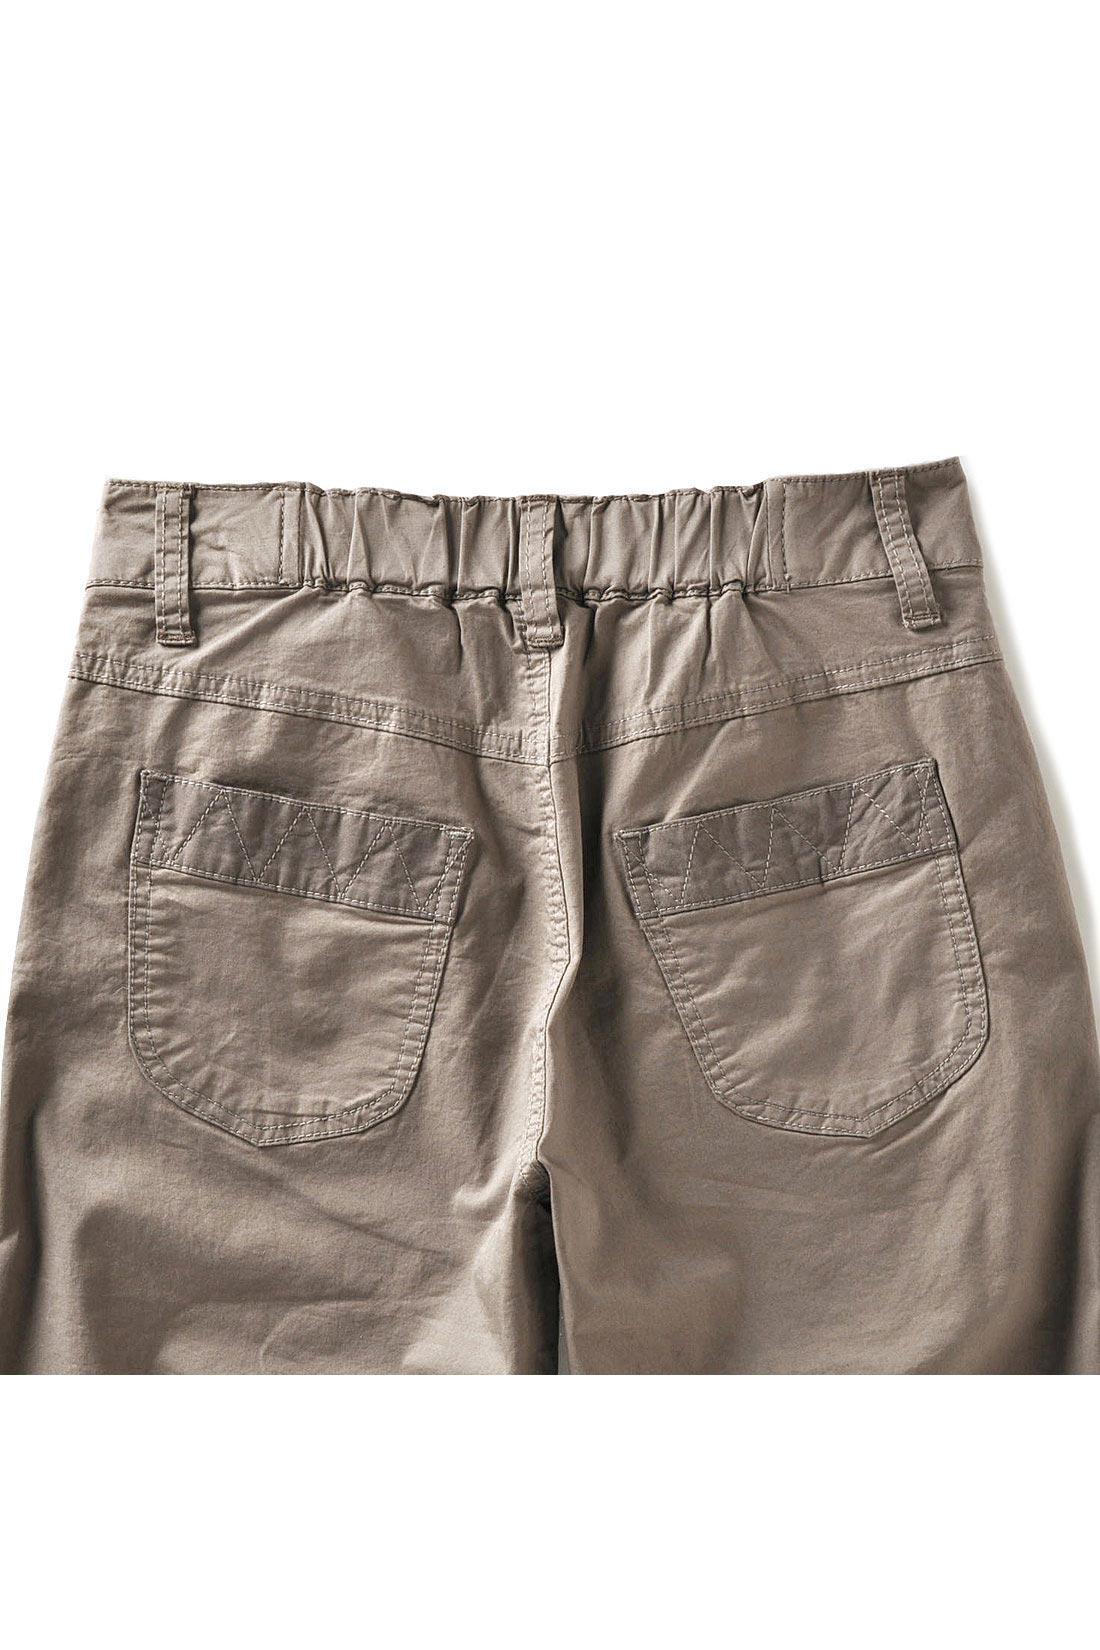 ポケットやすそに少し配色を入れたり、ステッチワークにもこだわり。